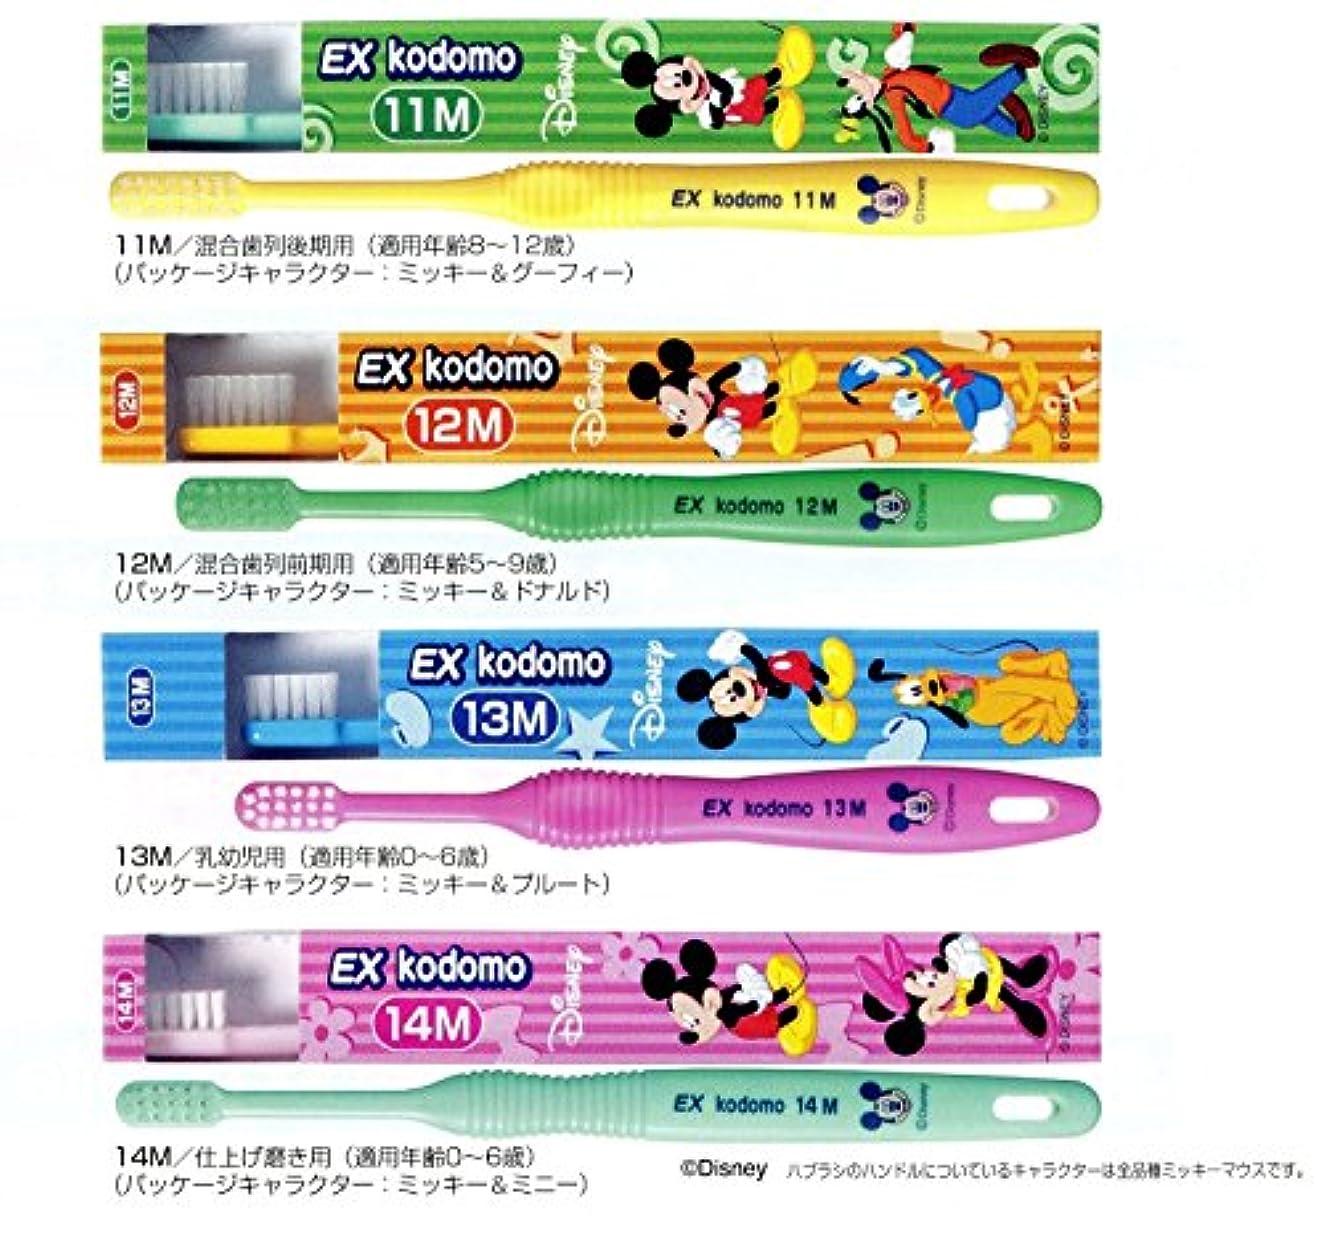 減るセンブランス感情のライオン コドモ ディズニー DENT.EX kodomo Disney 1本 11M グリーン (8?12歳)